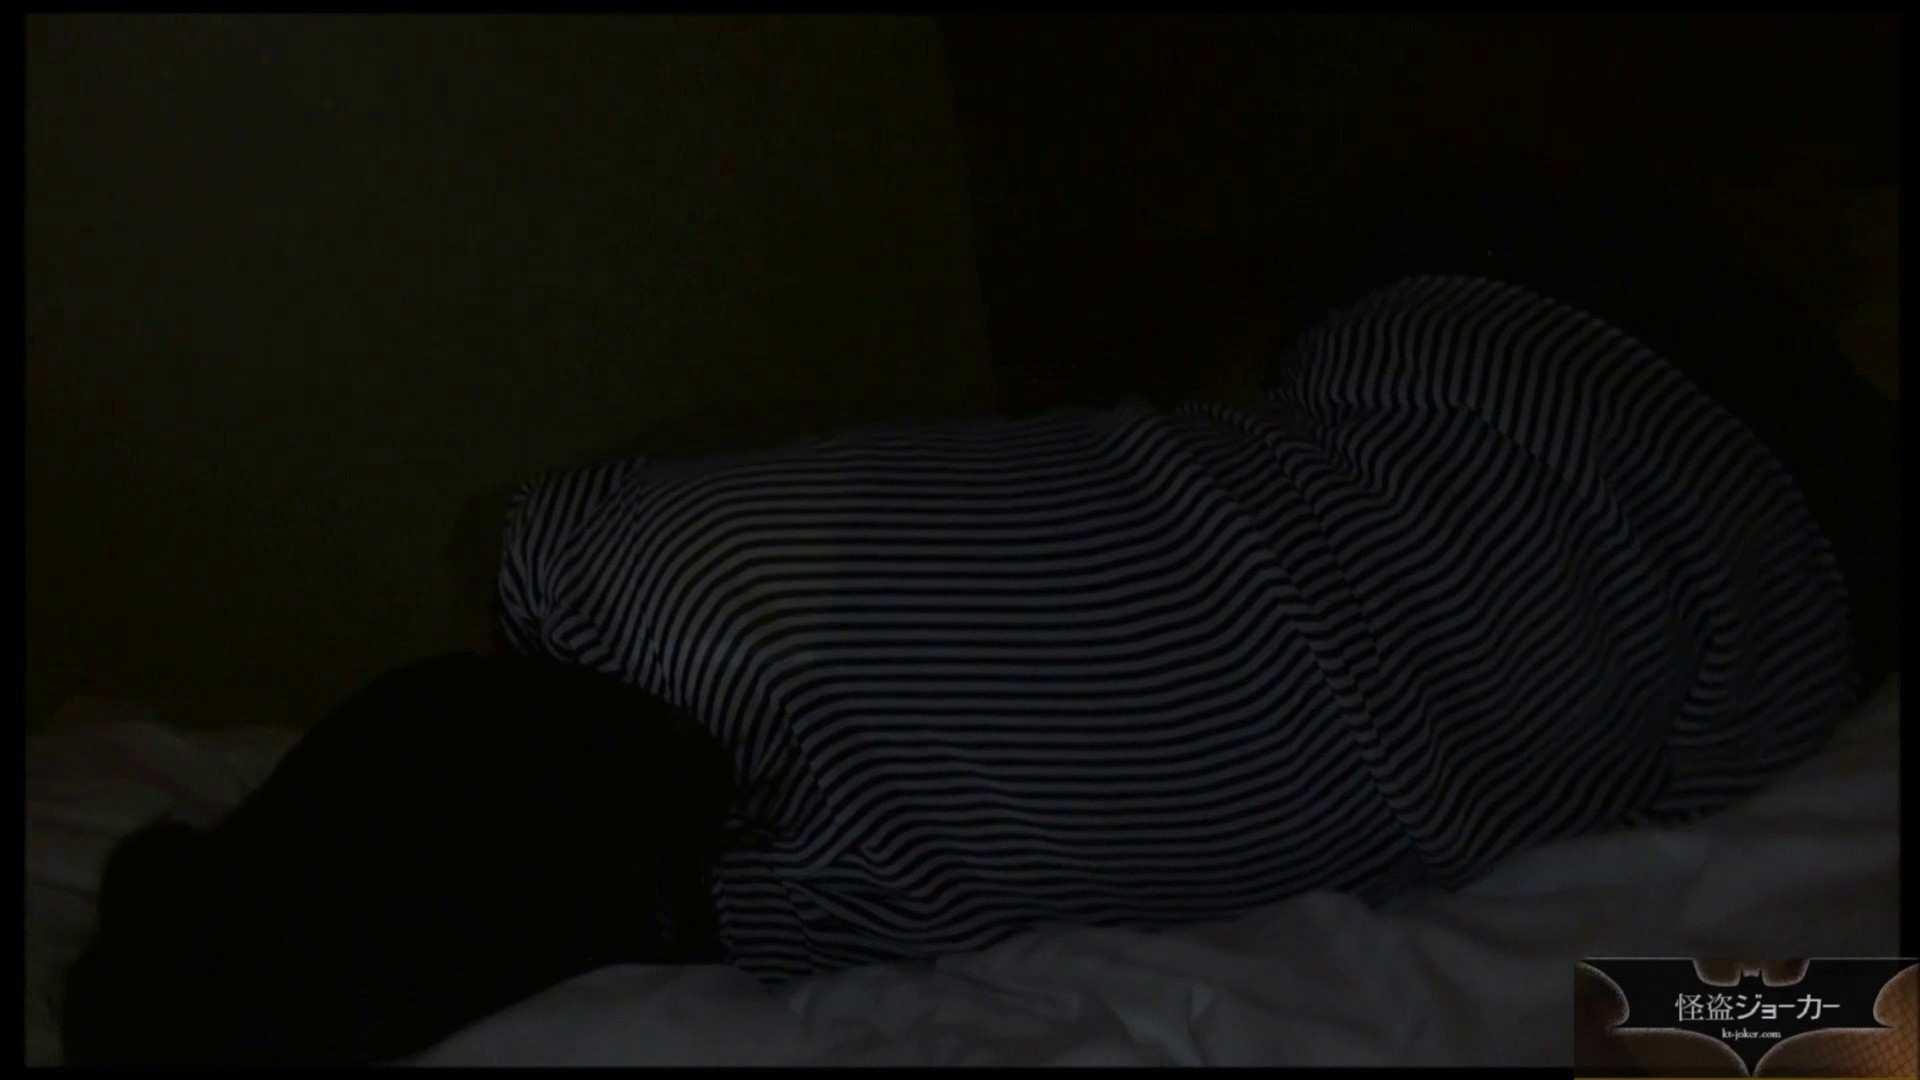 【未公開】vol.65 {黒髪美少女18歳}AIちゃん、連れ込み悪戯③ 反撃の悪戯  93pic 32